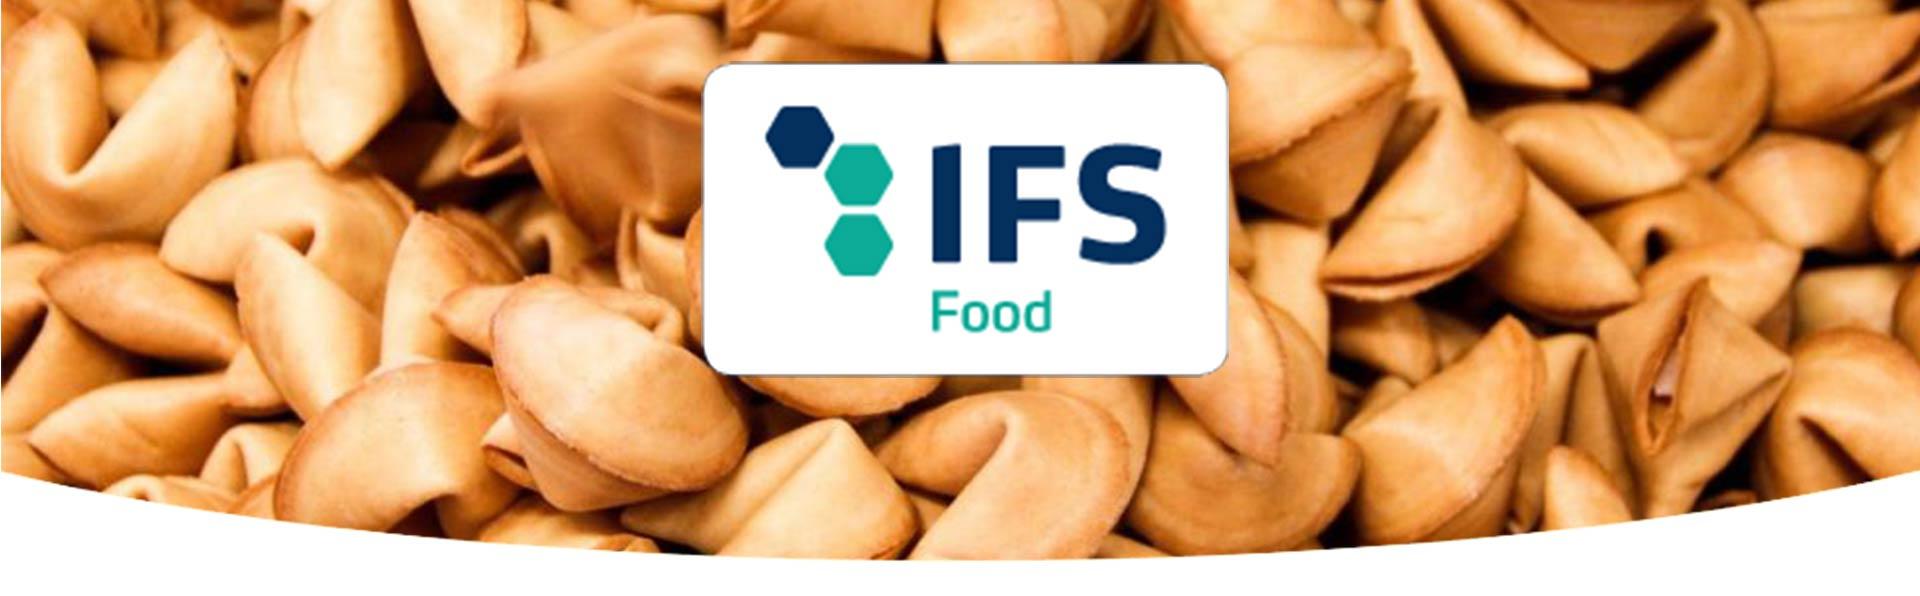 Glückskekse und IFS-Logo